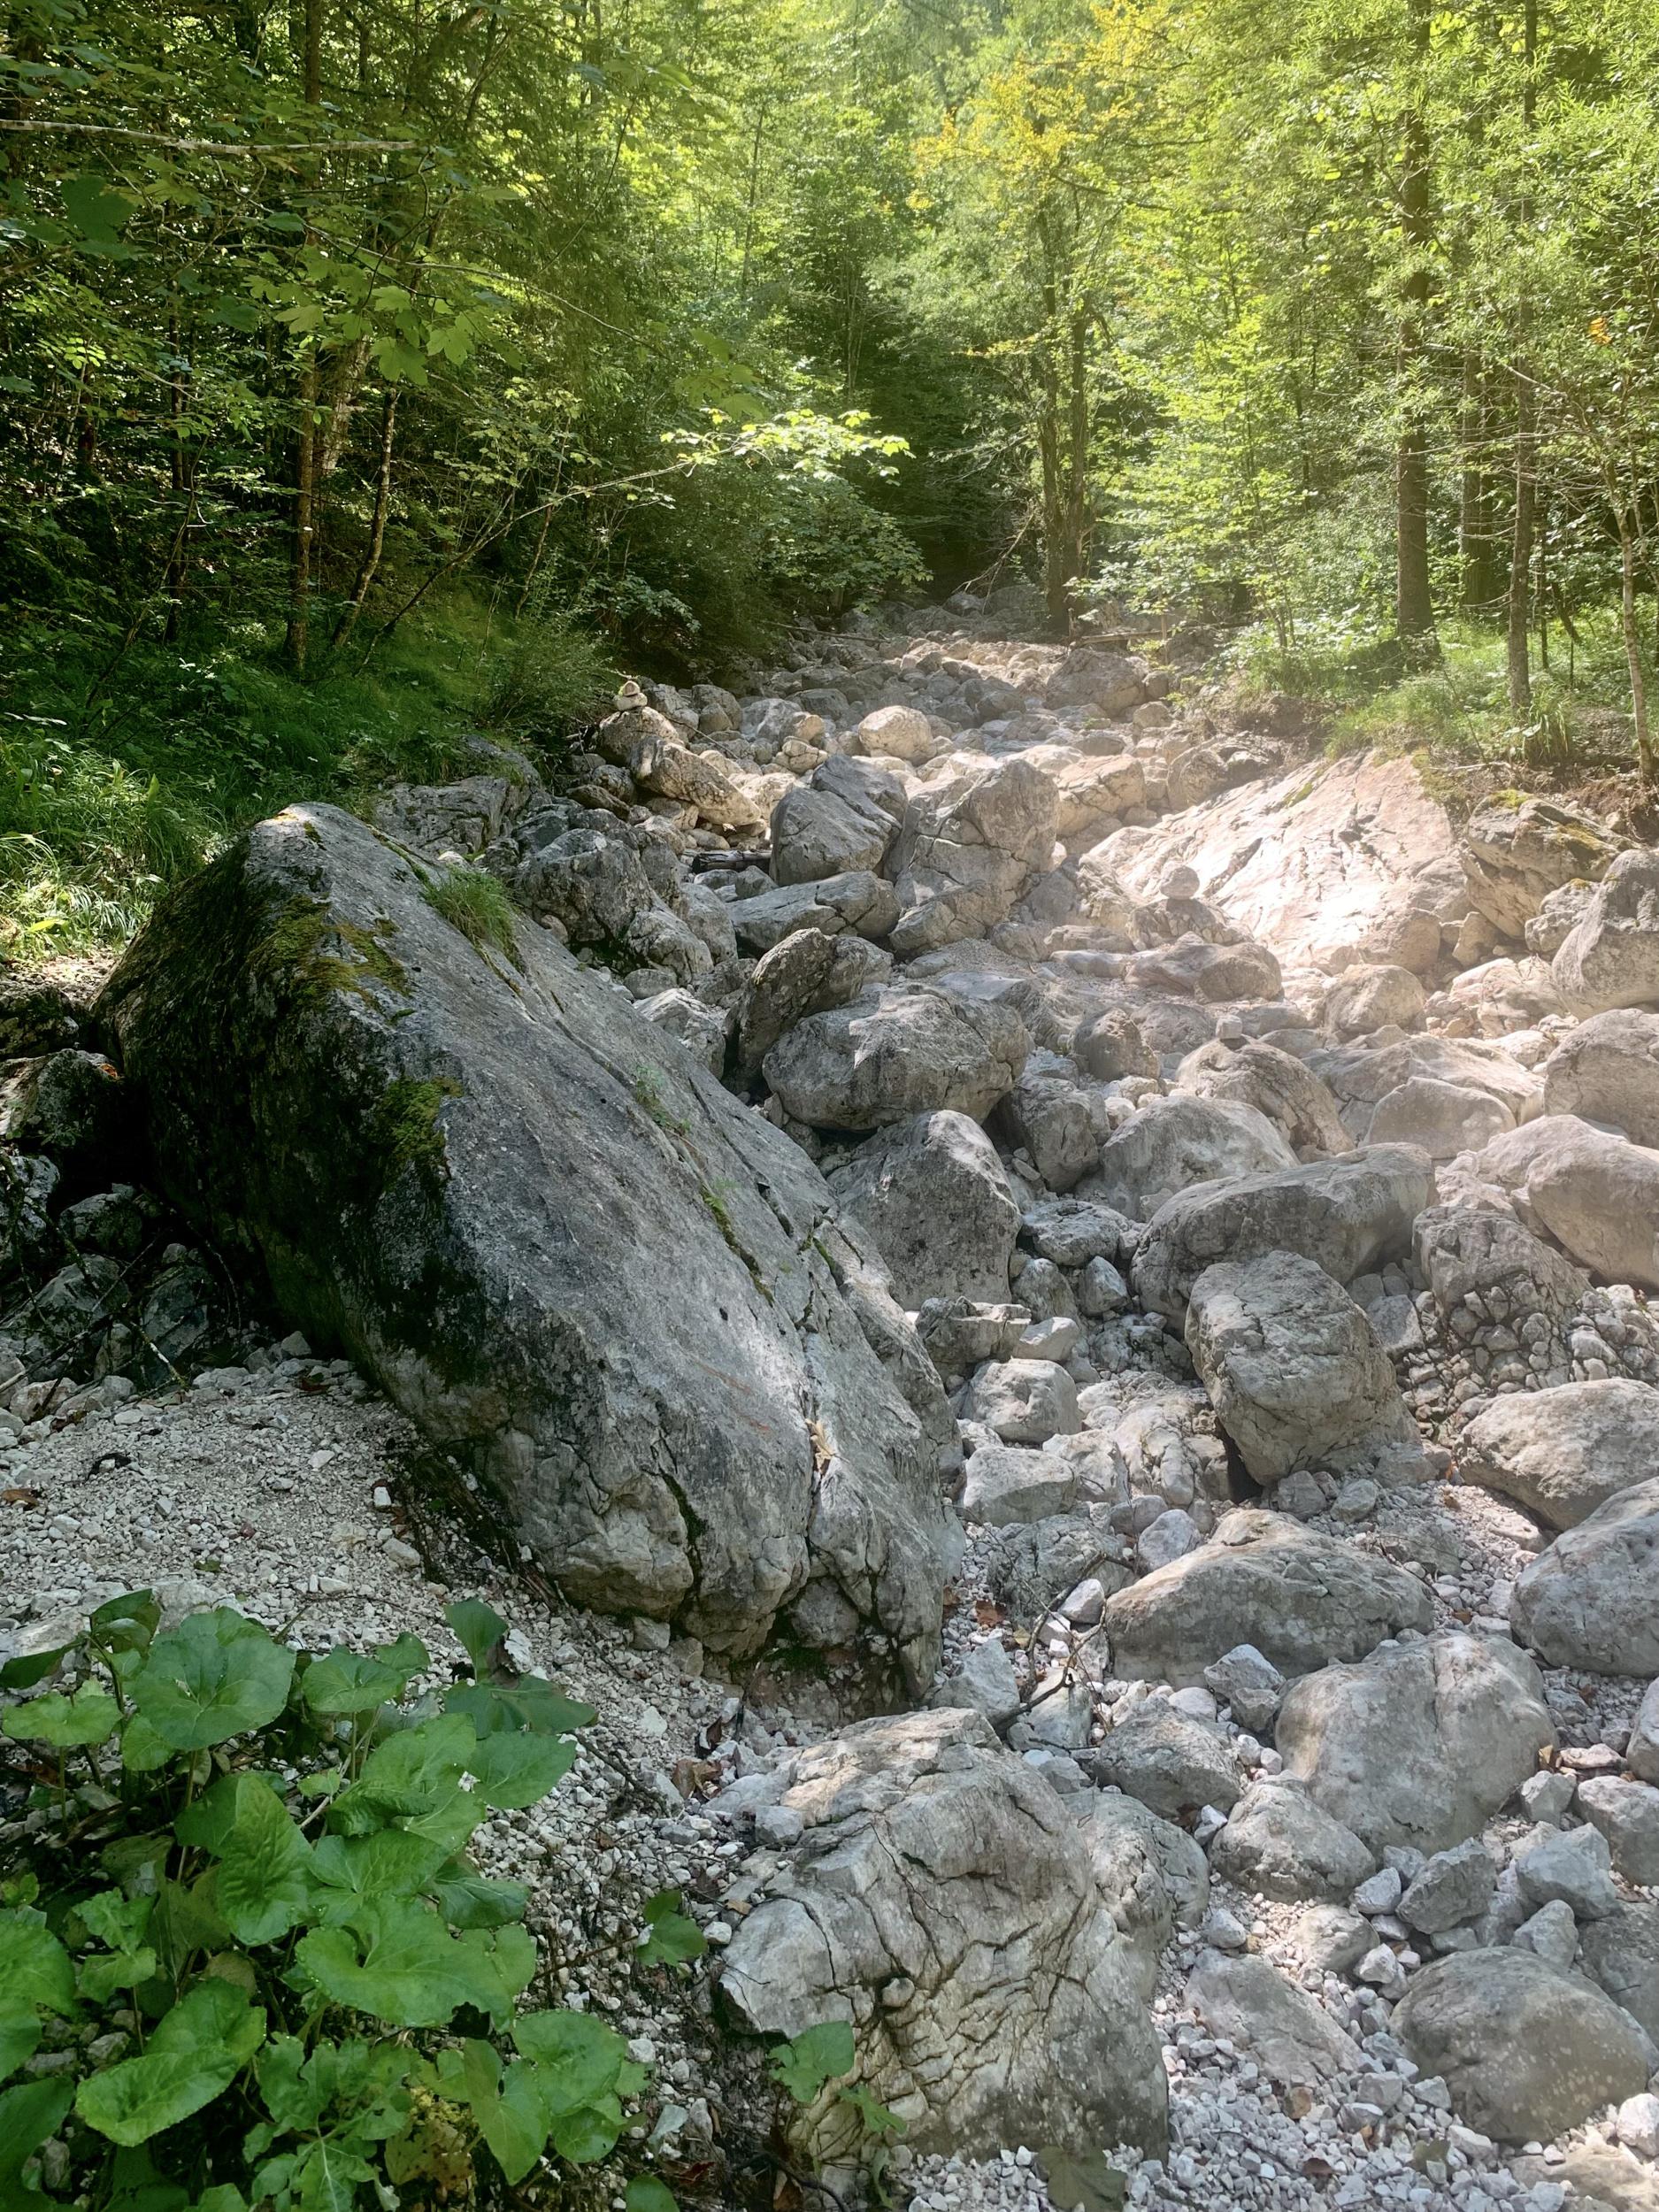 Das leere Bachbett des Brandbaches im Echerntal von Hallstatt